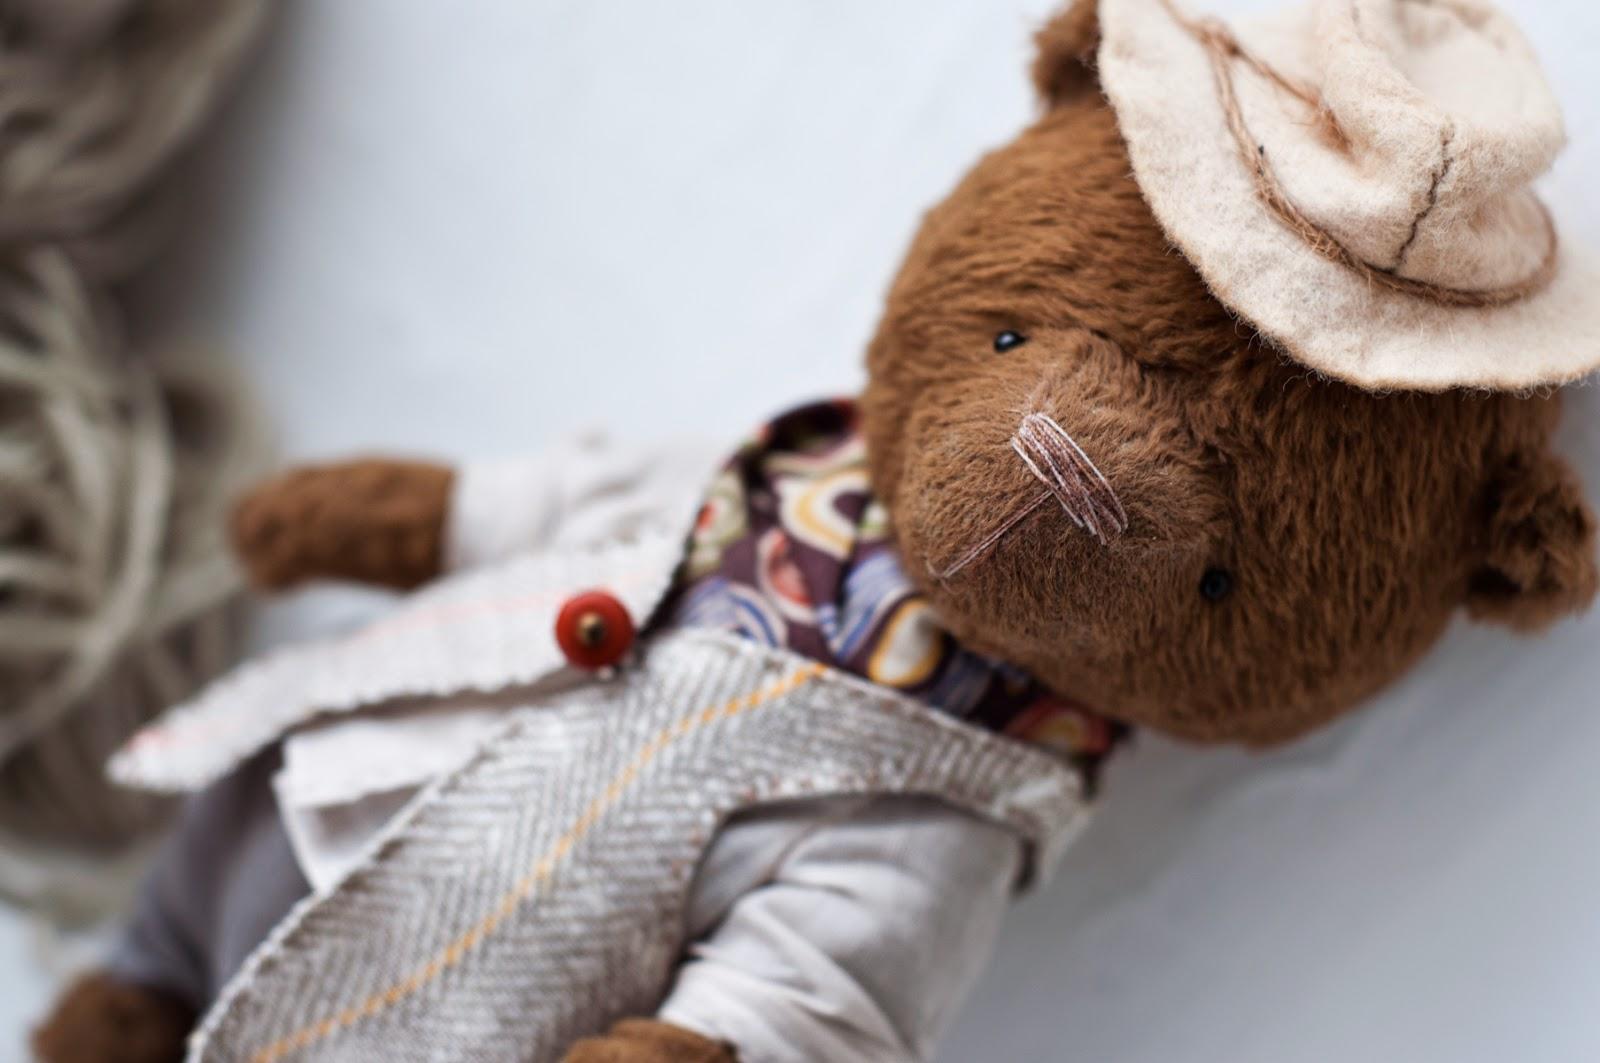 мишка тедди, мастер-класс мишка тедди, купить мишку тедди, купить мастер-класс, купить подарок, мишка в подарок, teddy bear